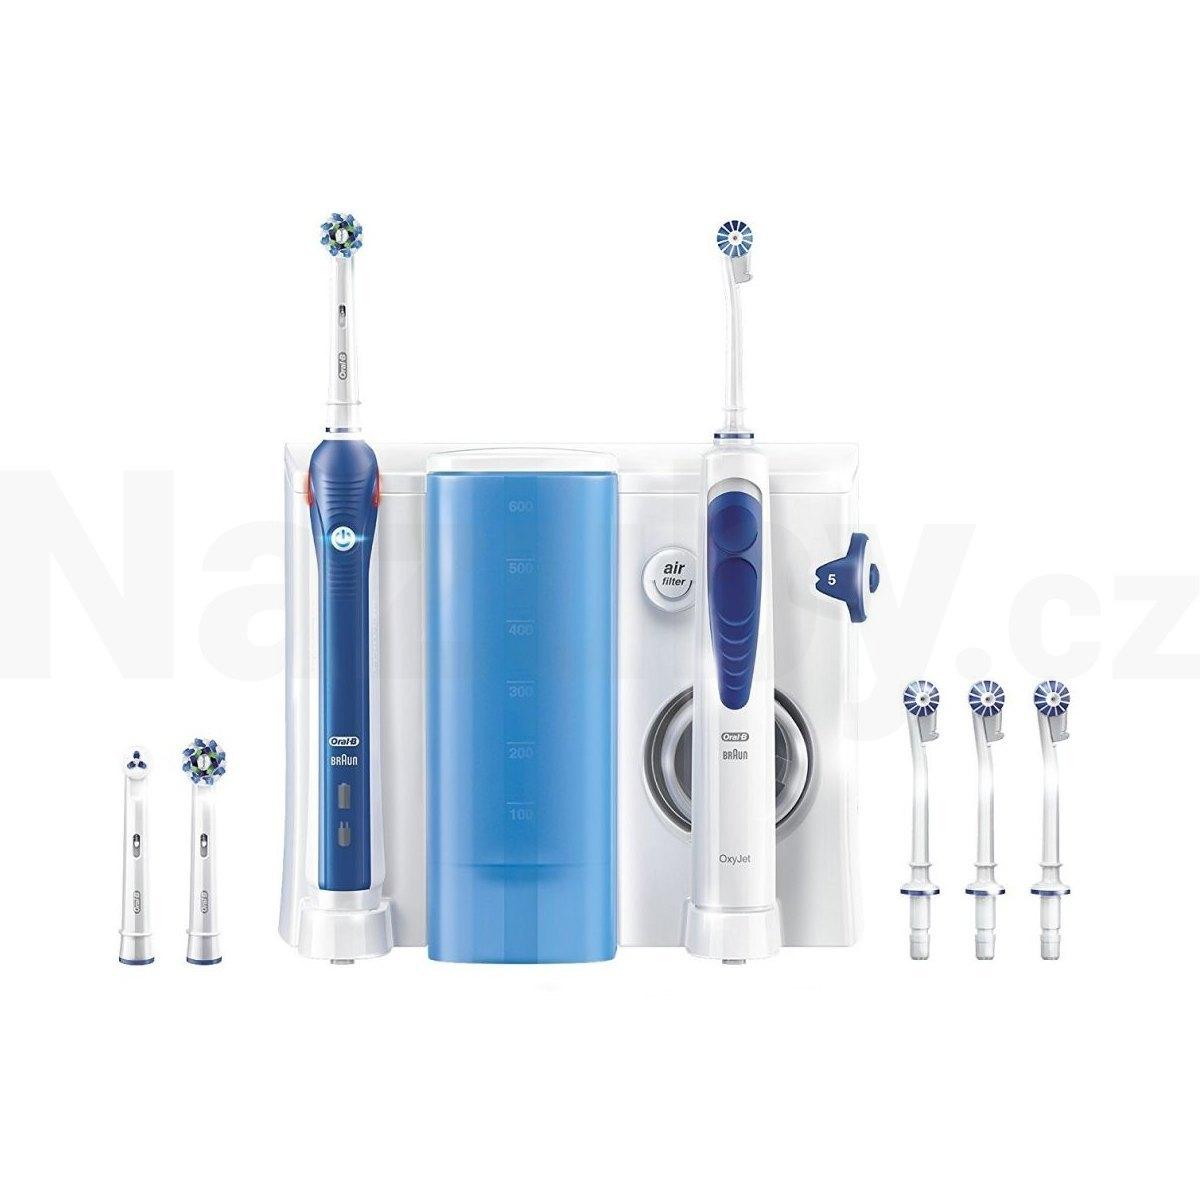 Oral-B ProfessionalCare OC20 OxyJet